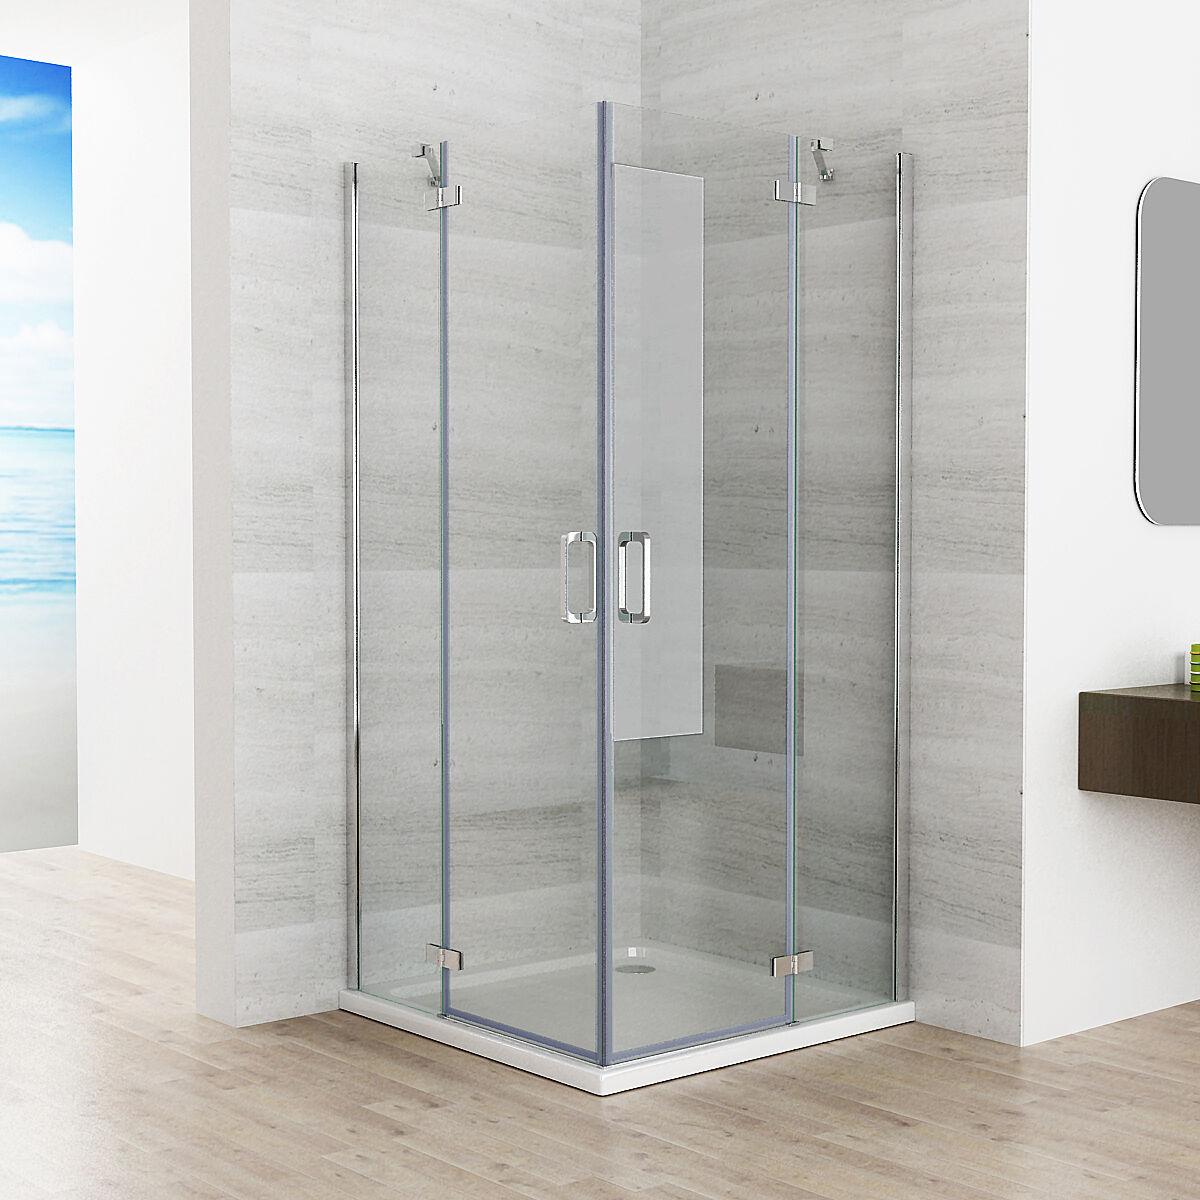 Duschkabine eckeinstieg duschwand duschabtrennung nano for Fenster 200 x 100